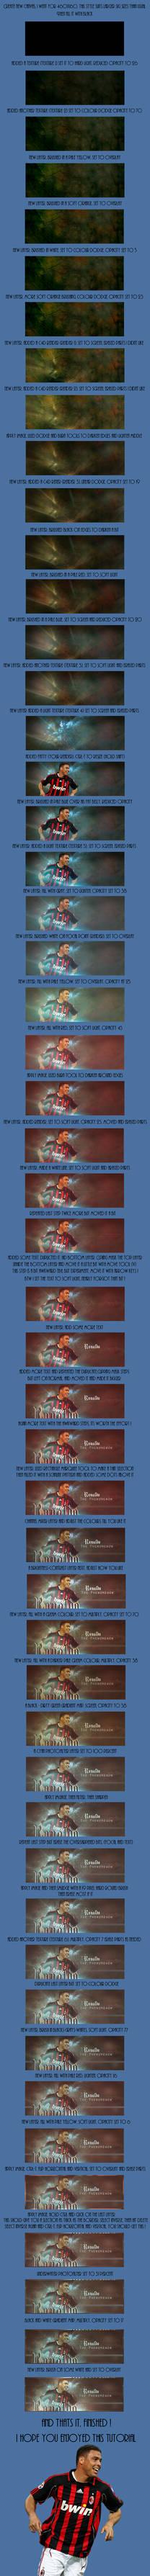 Ronaldo signature tutorial